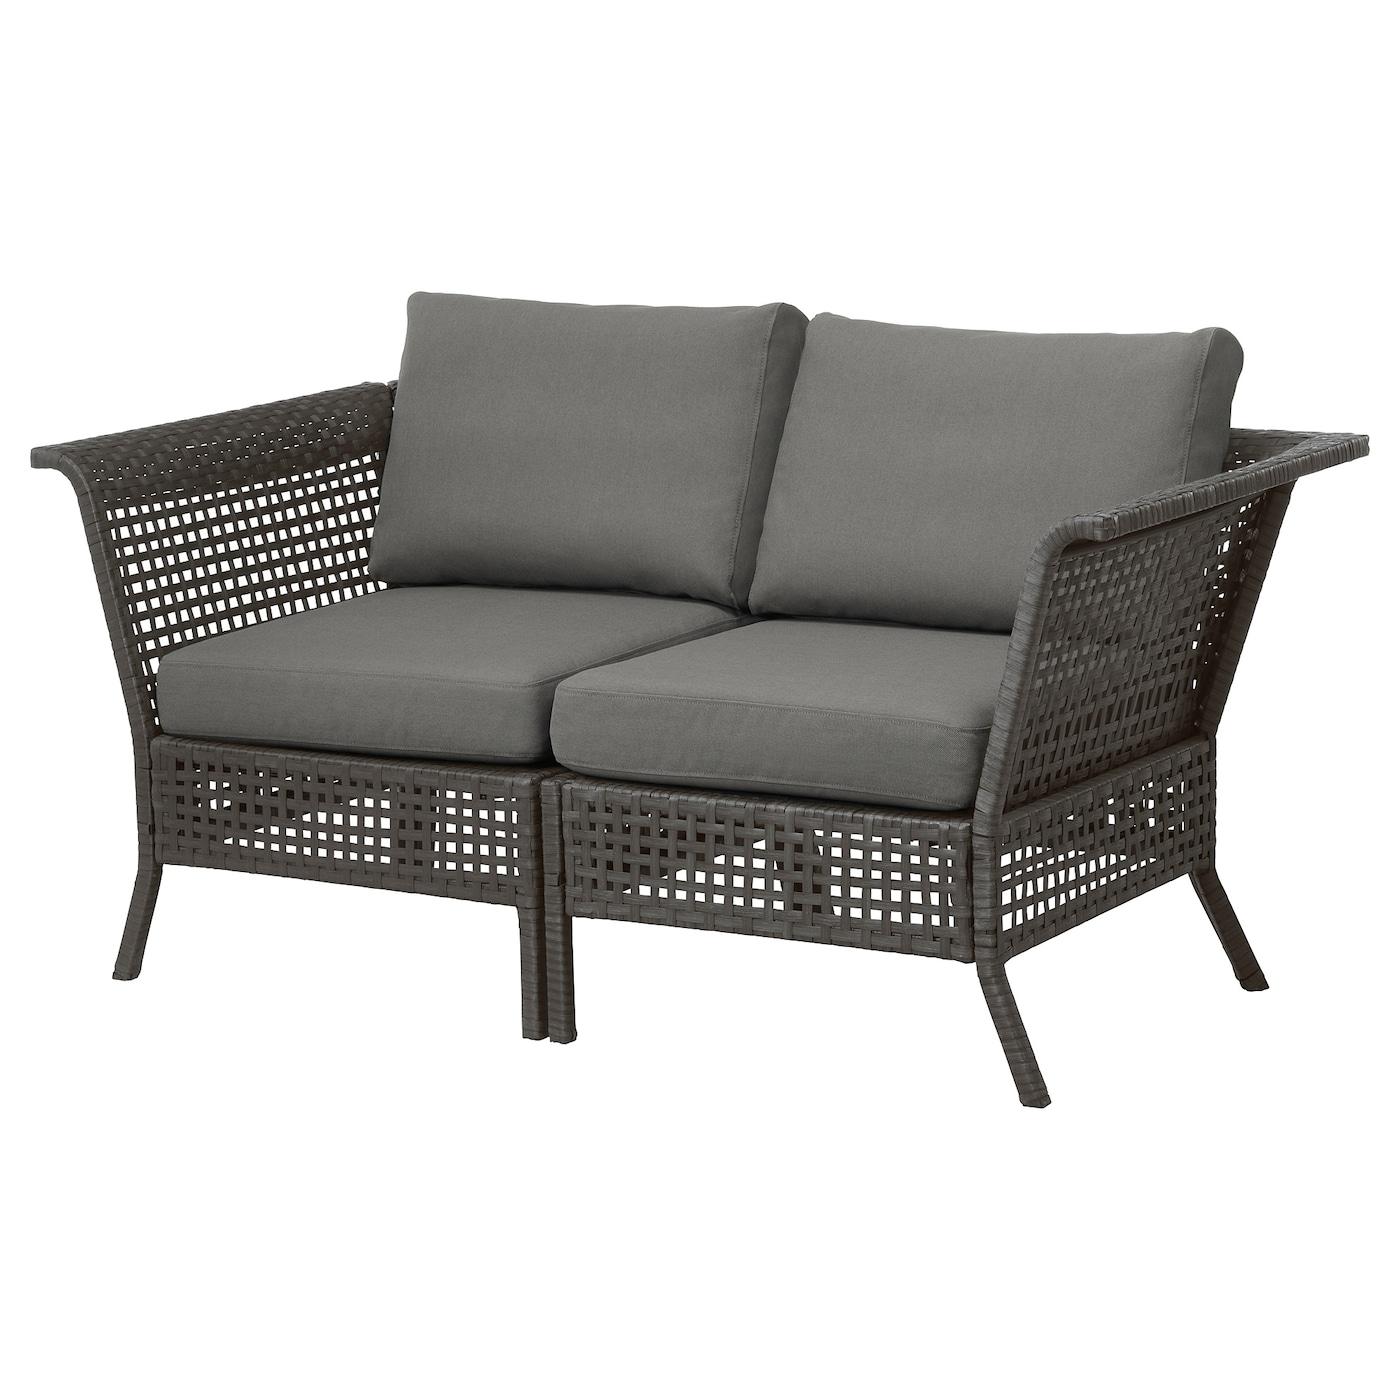 Ikea outdoor sofas ireland dublin for Ikea outdoor sofa